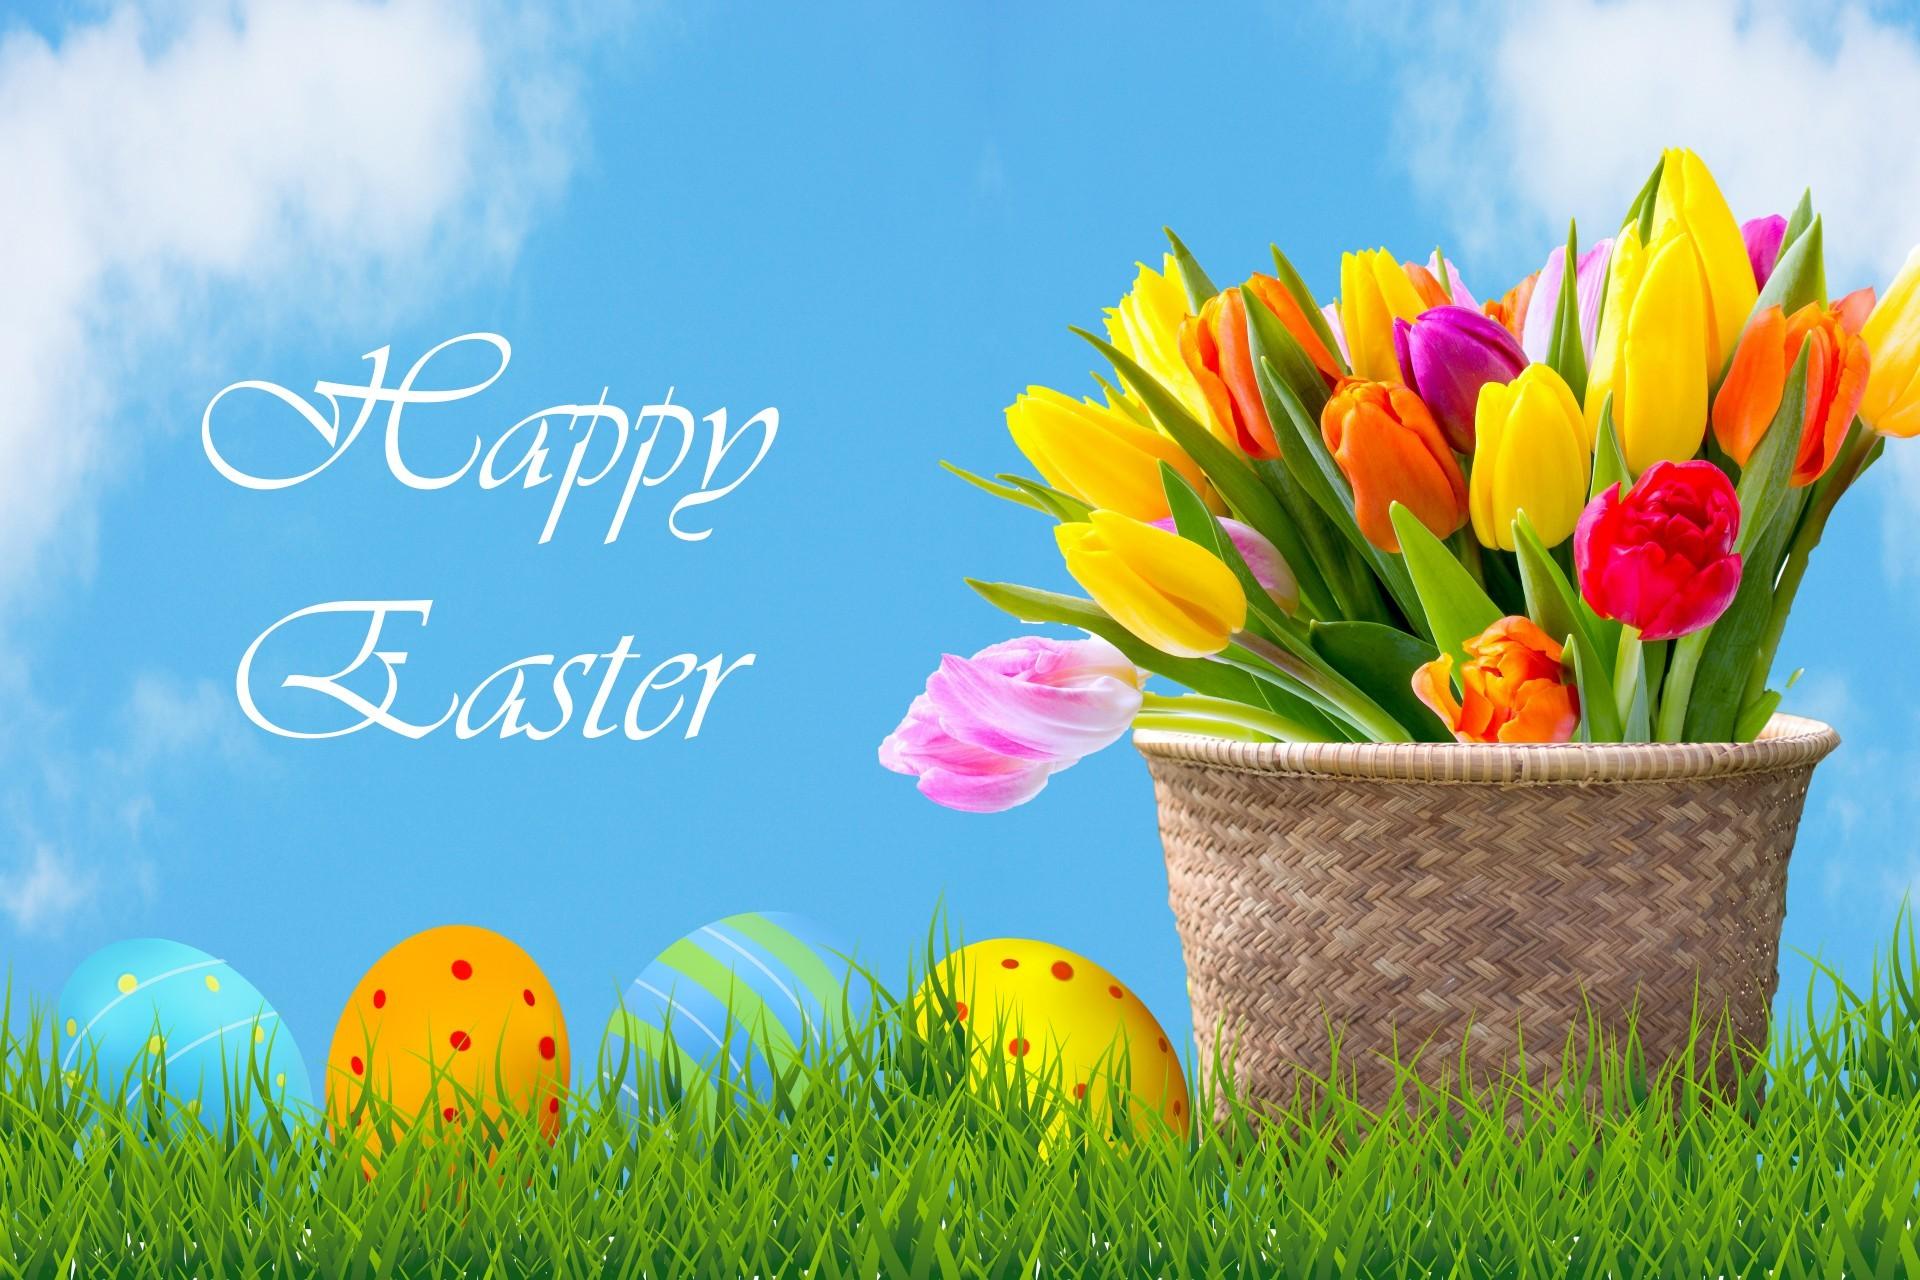 Happy Easter Backgrounds For Desktop (66+ Images